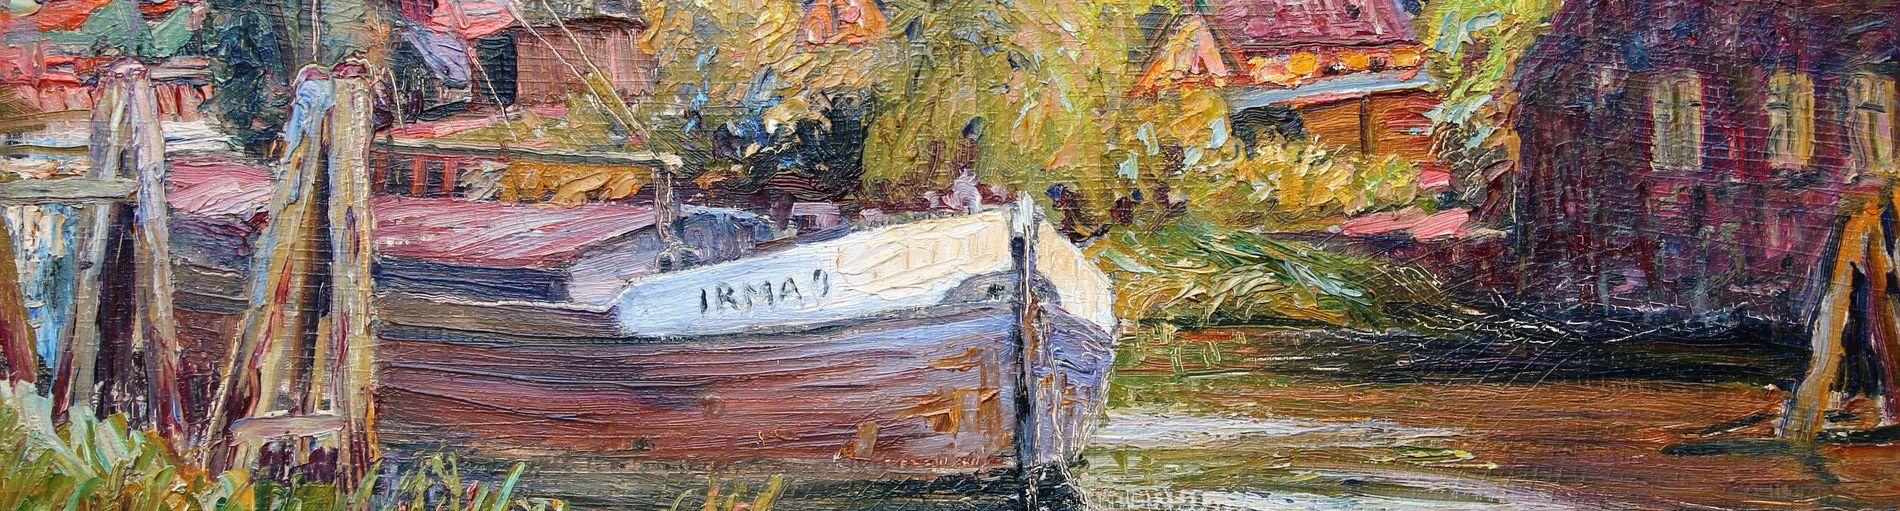 Bunte Zeichnung eines Bootes und einer farbenfrohen Landschaft